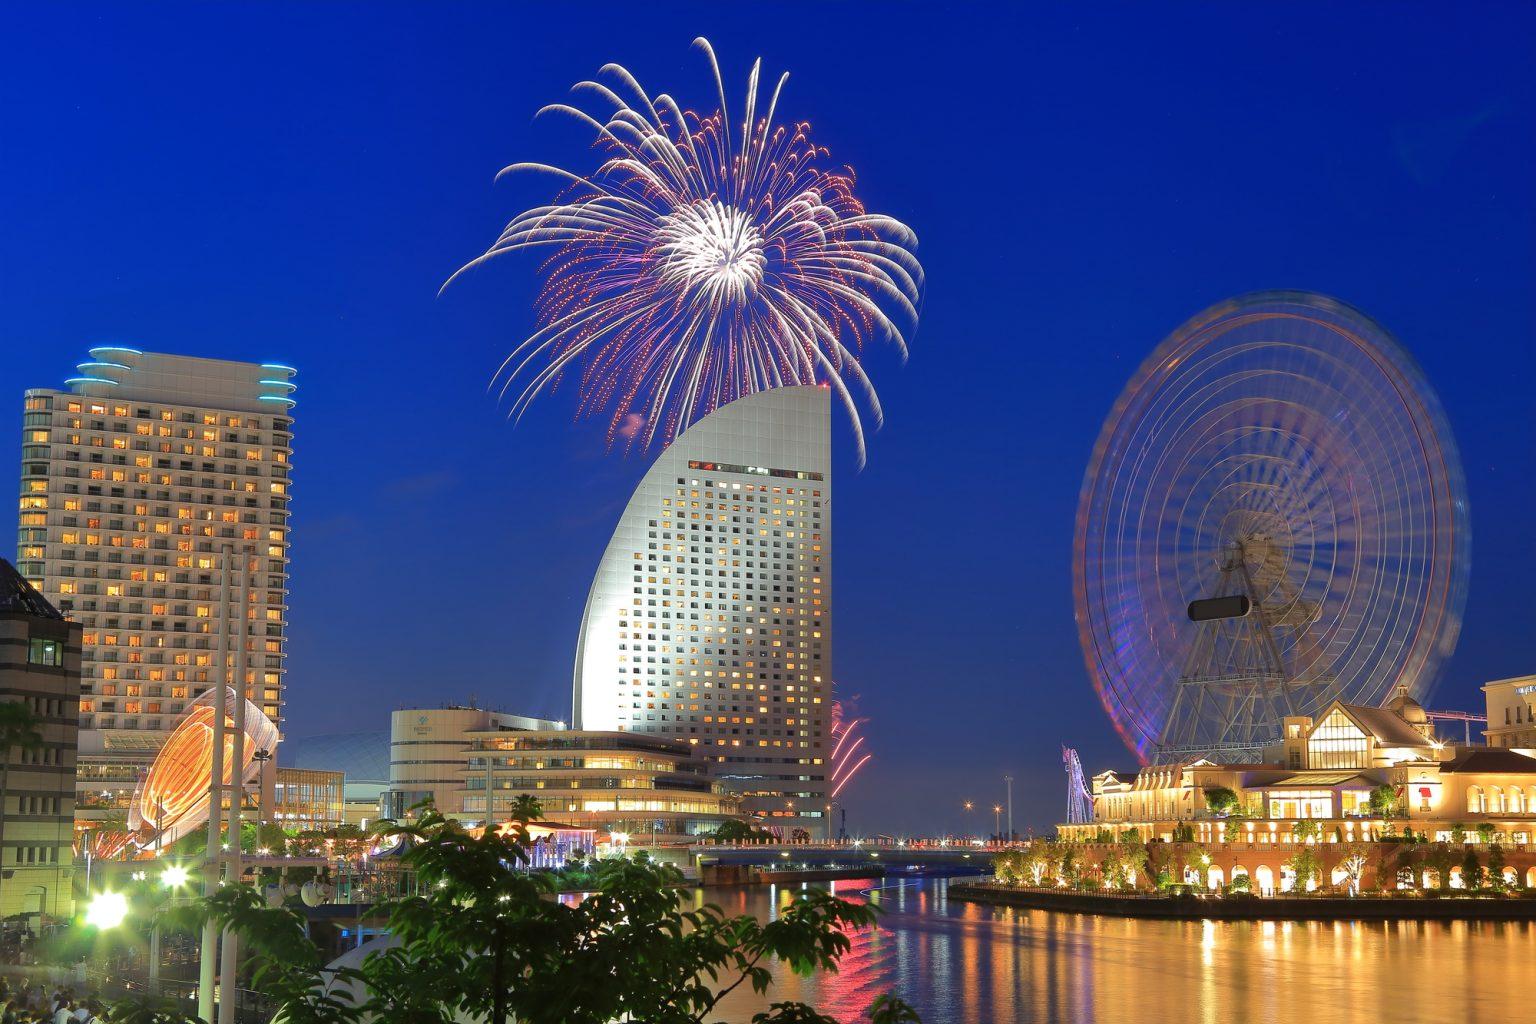 横浜開港祭の花火とランドマークタワー